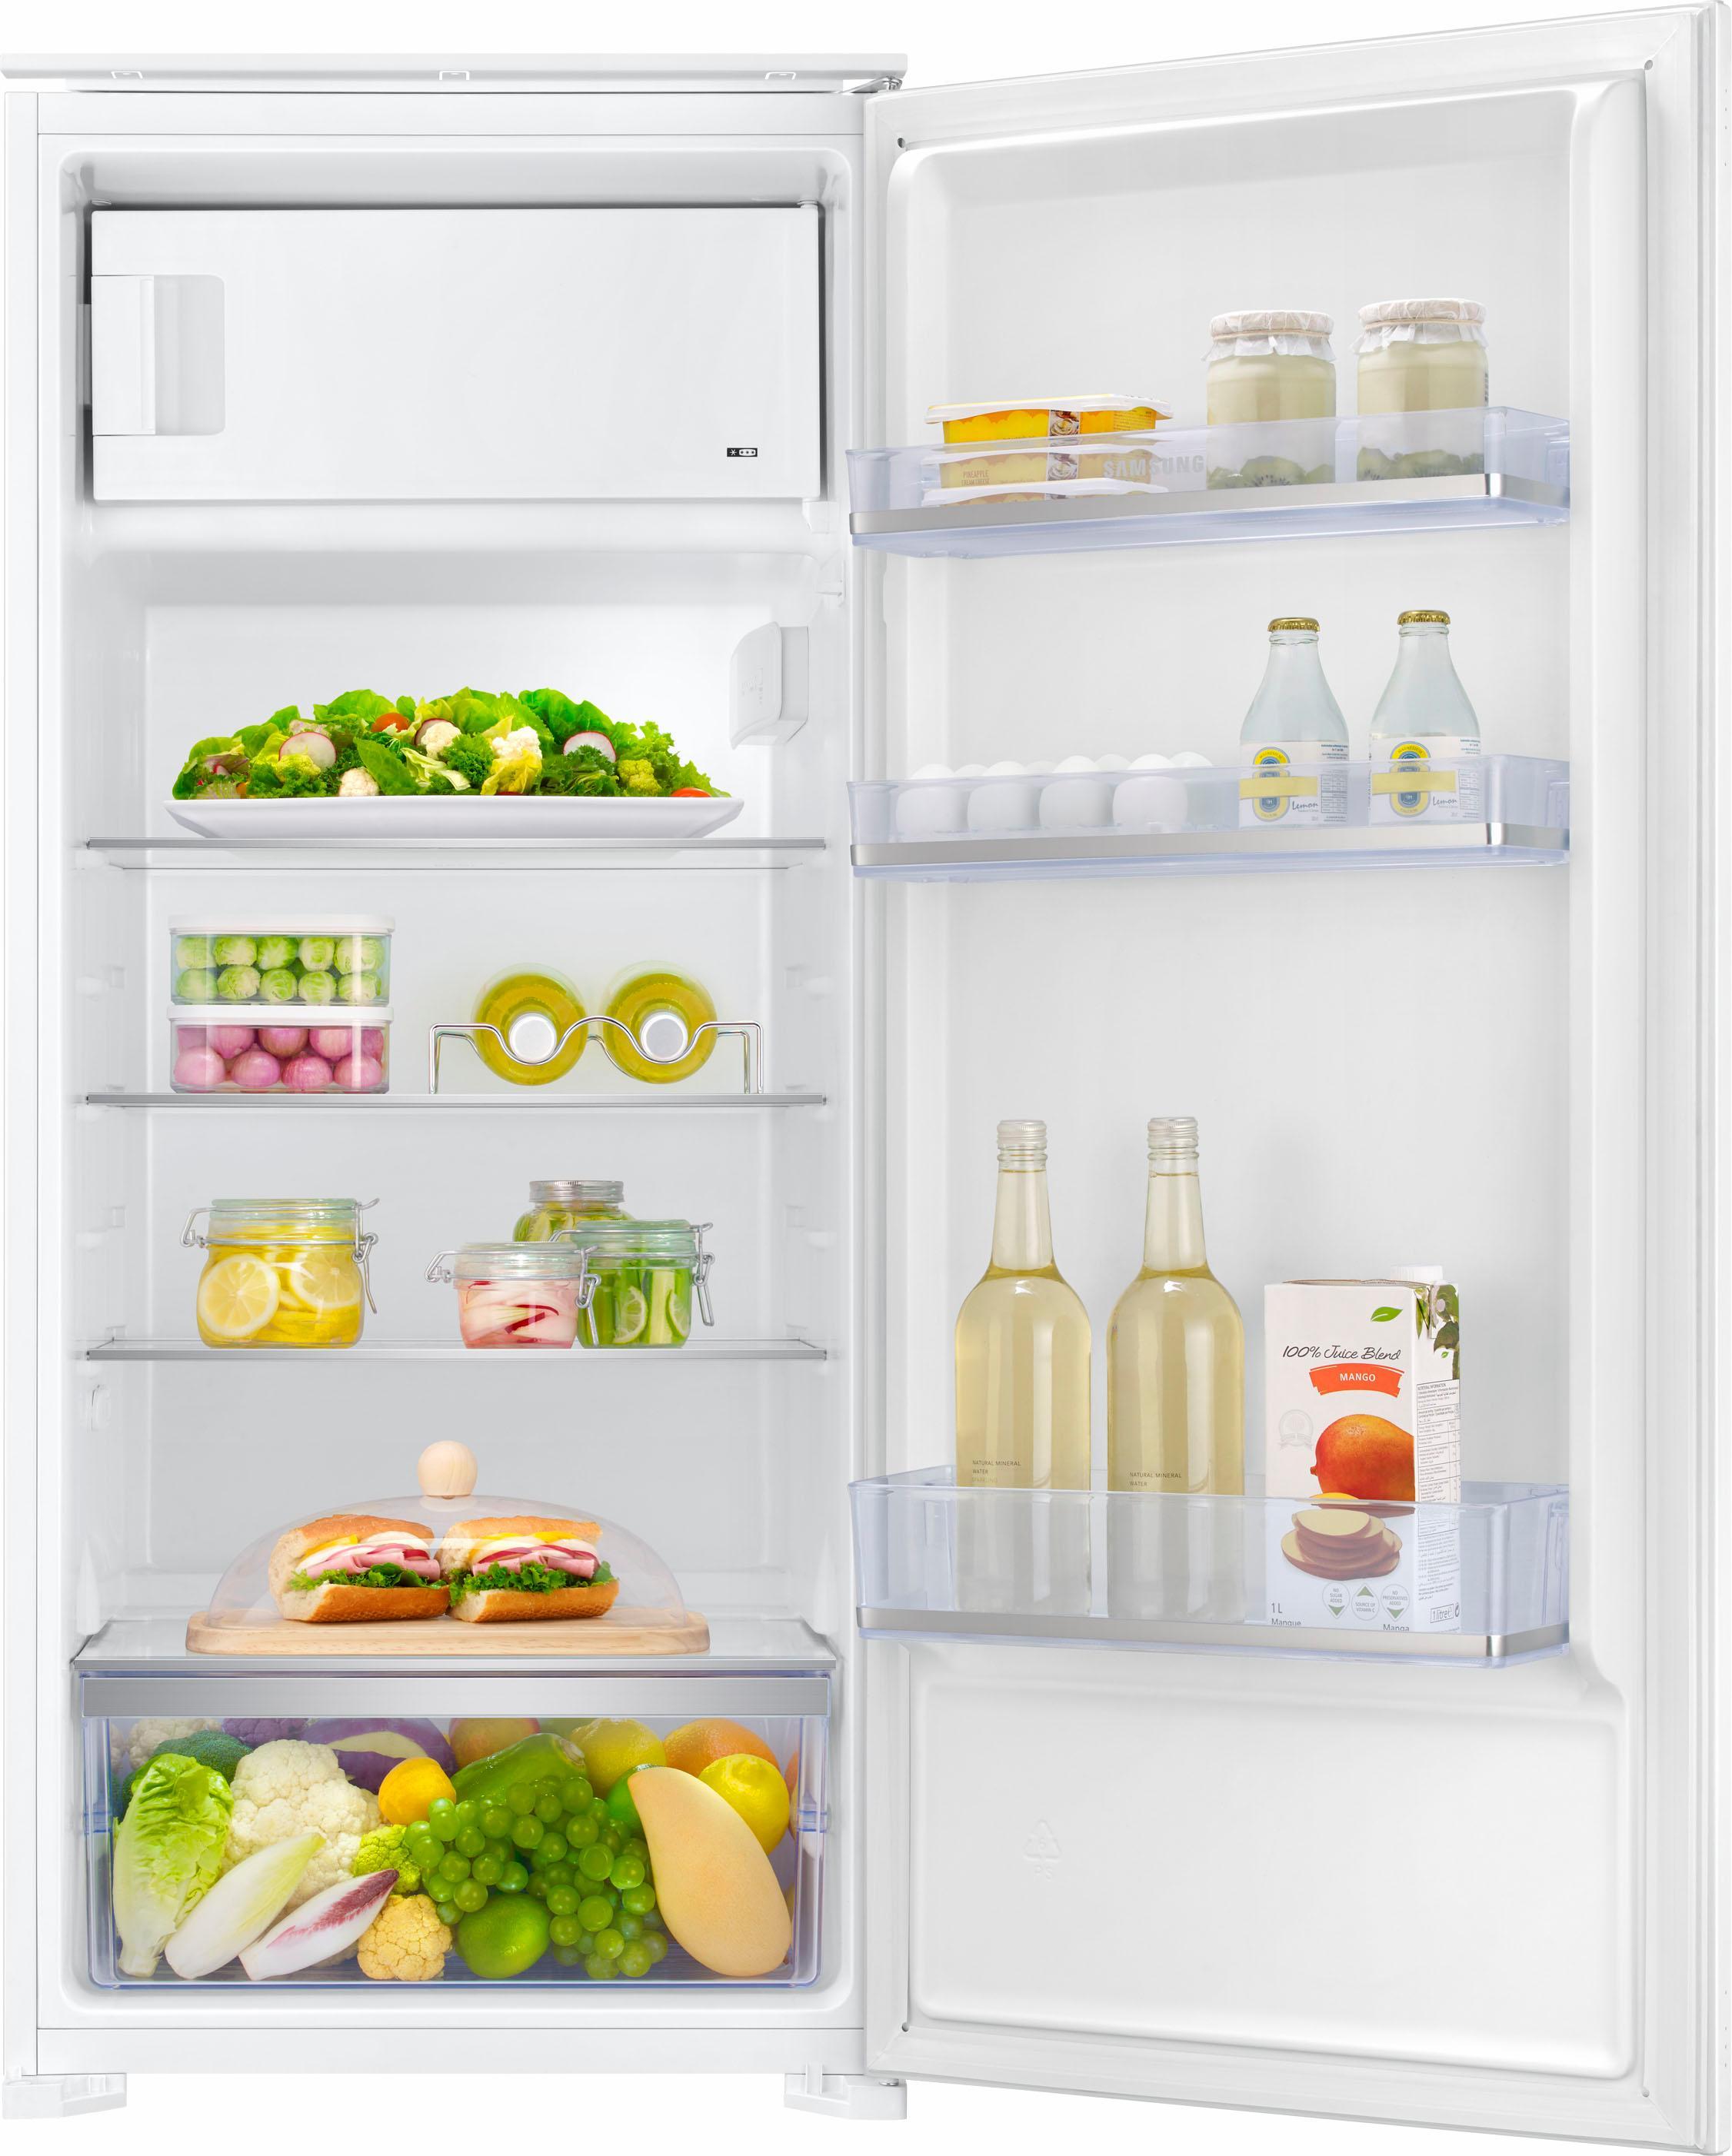 Samsung Einbaukühlschrank 1215 cm hoch 540 cm breit | Küche und Esszimmer > Küchenelektrogeräte > Kühlschränke | Weiß | Samsung